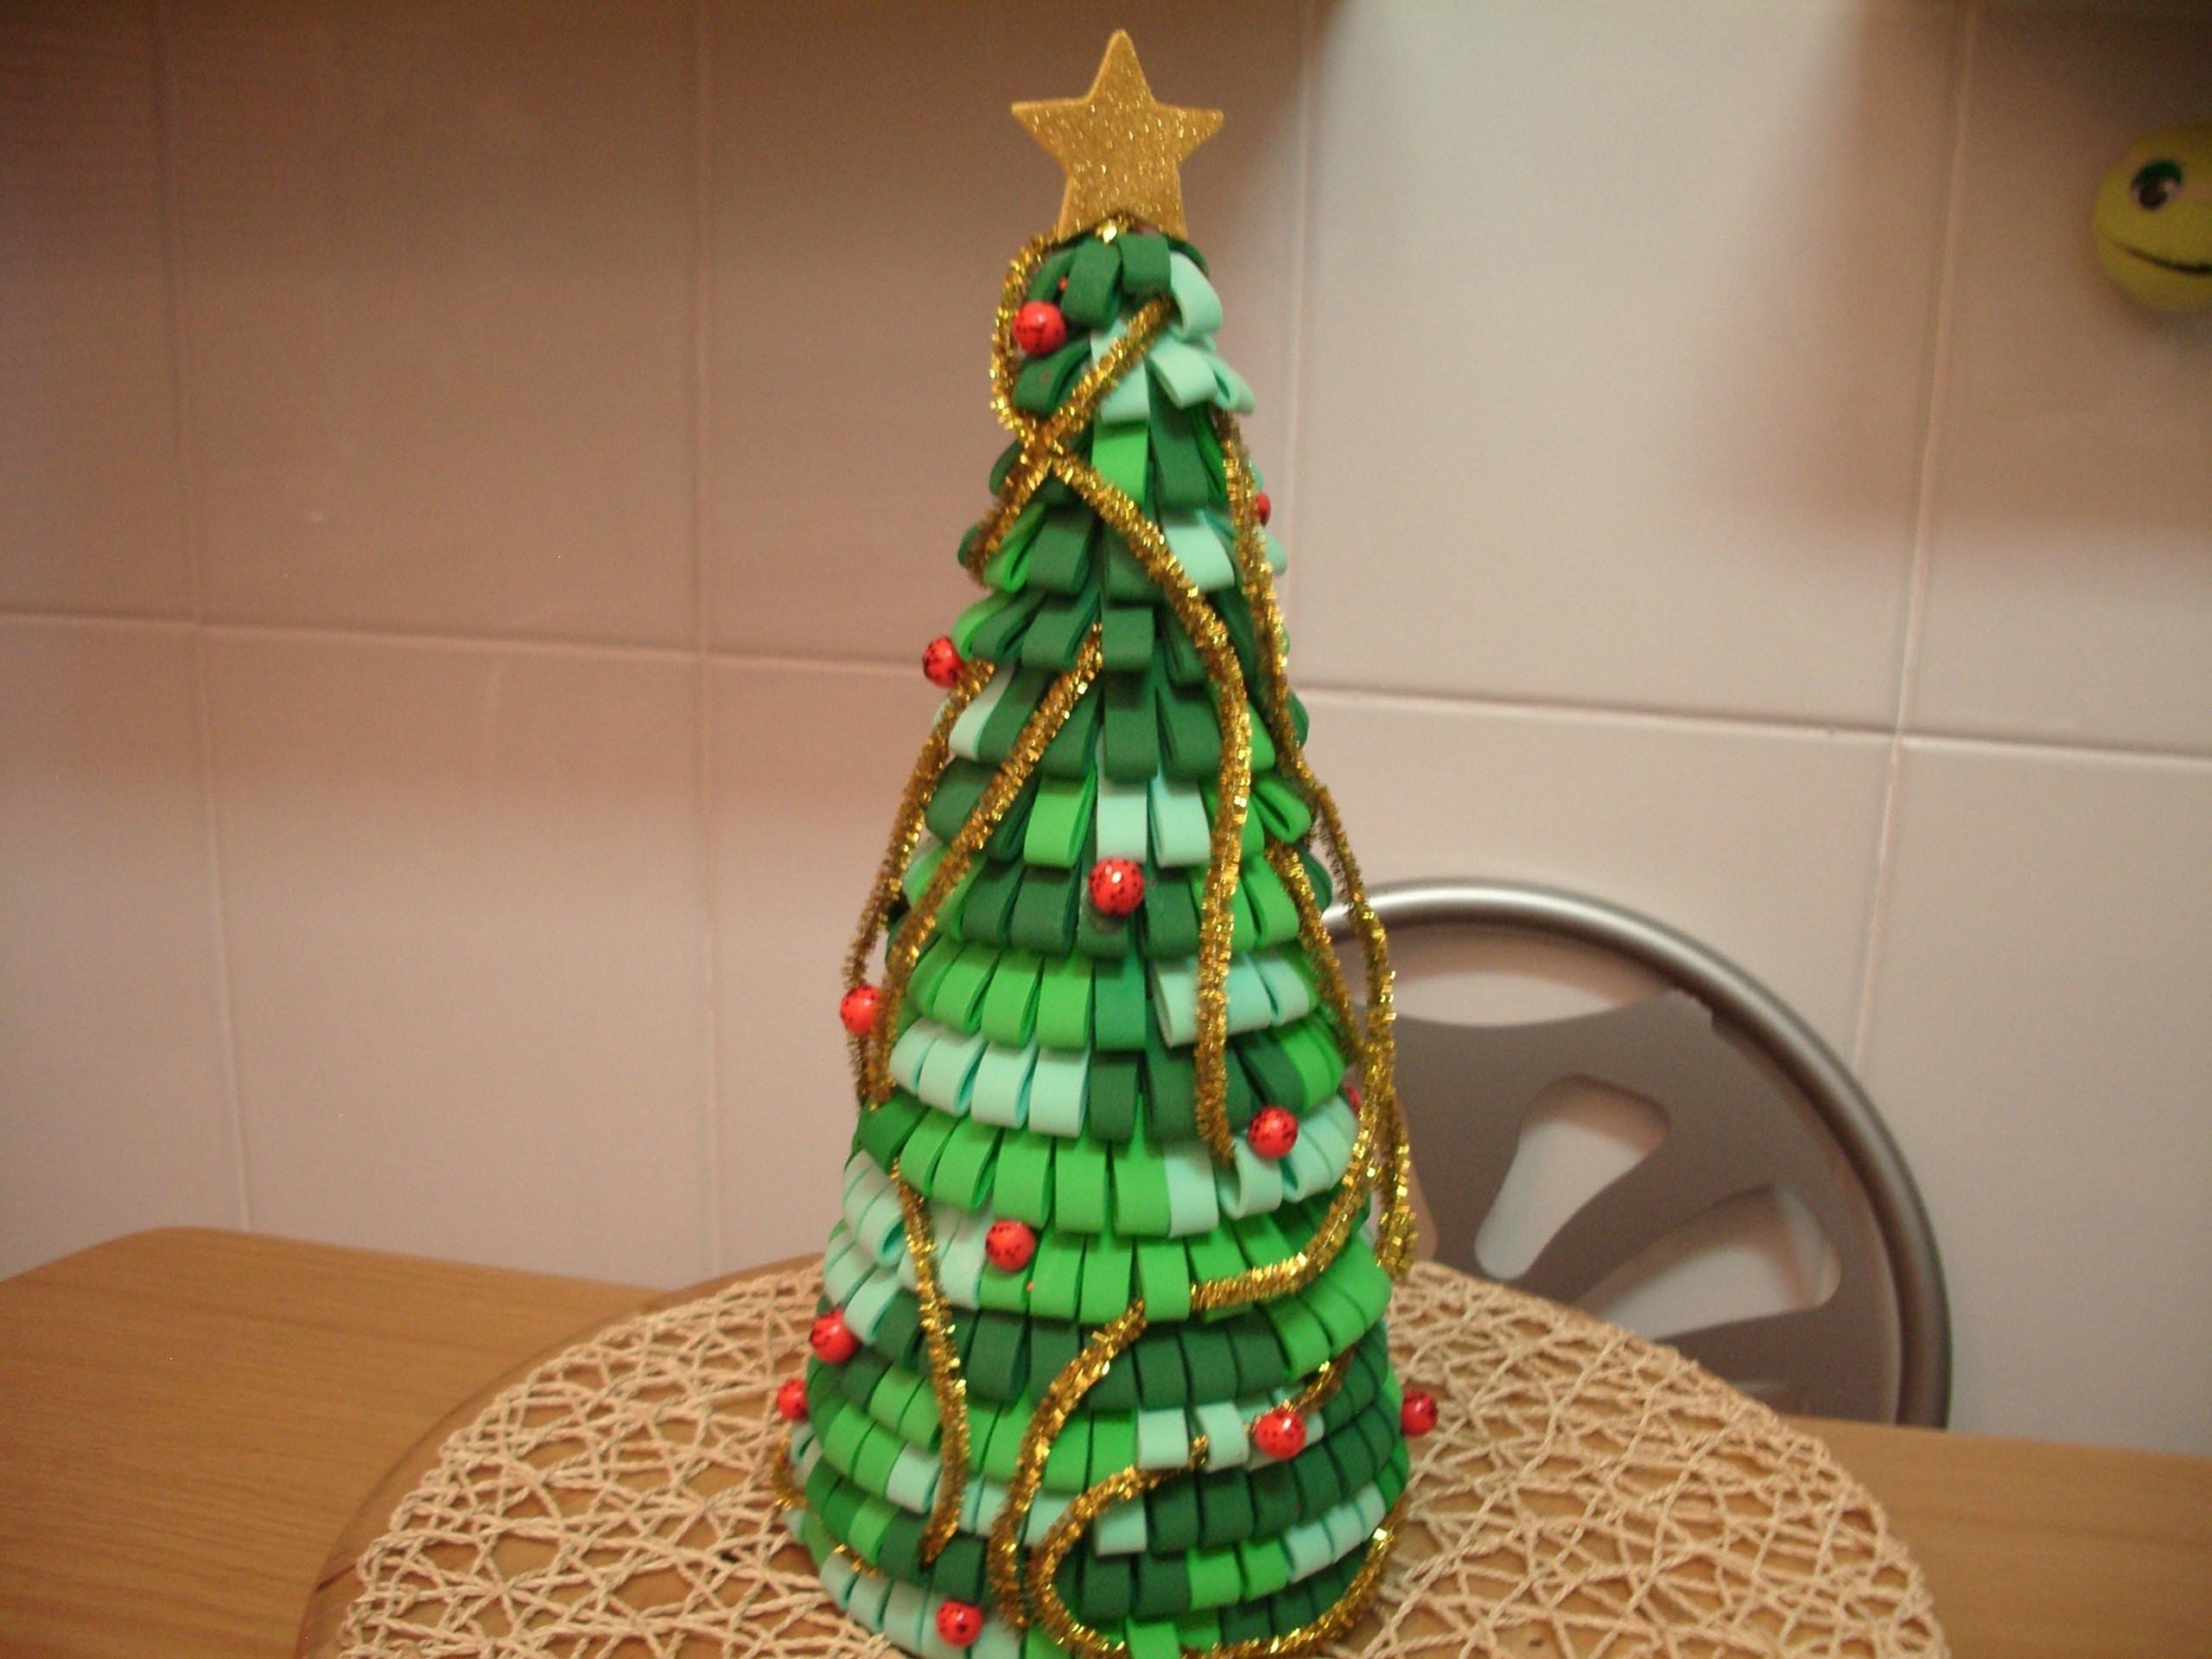 Como hacer arbol de navidad con goma eva - O arbol de navidad ...